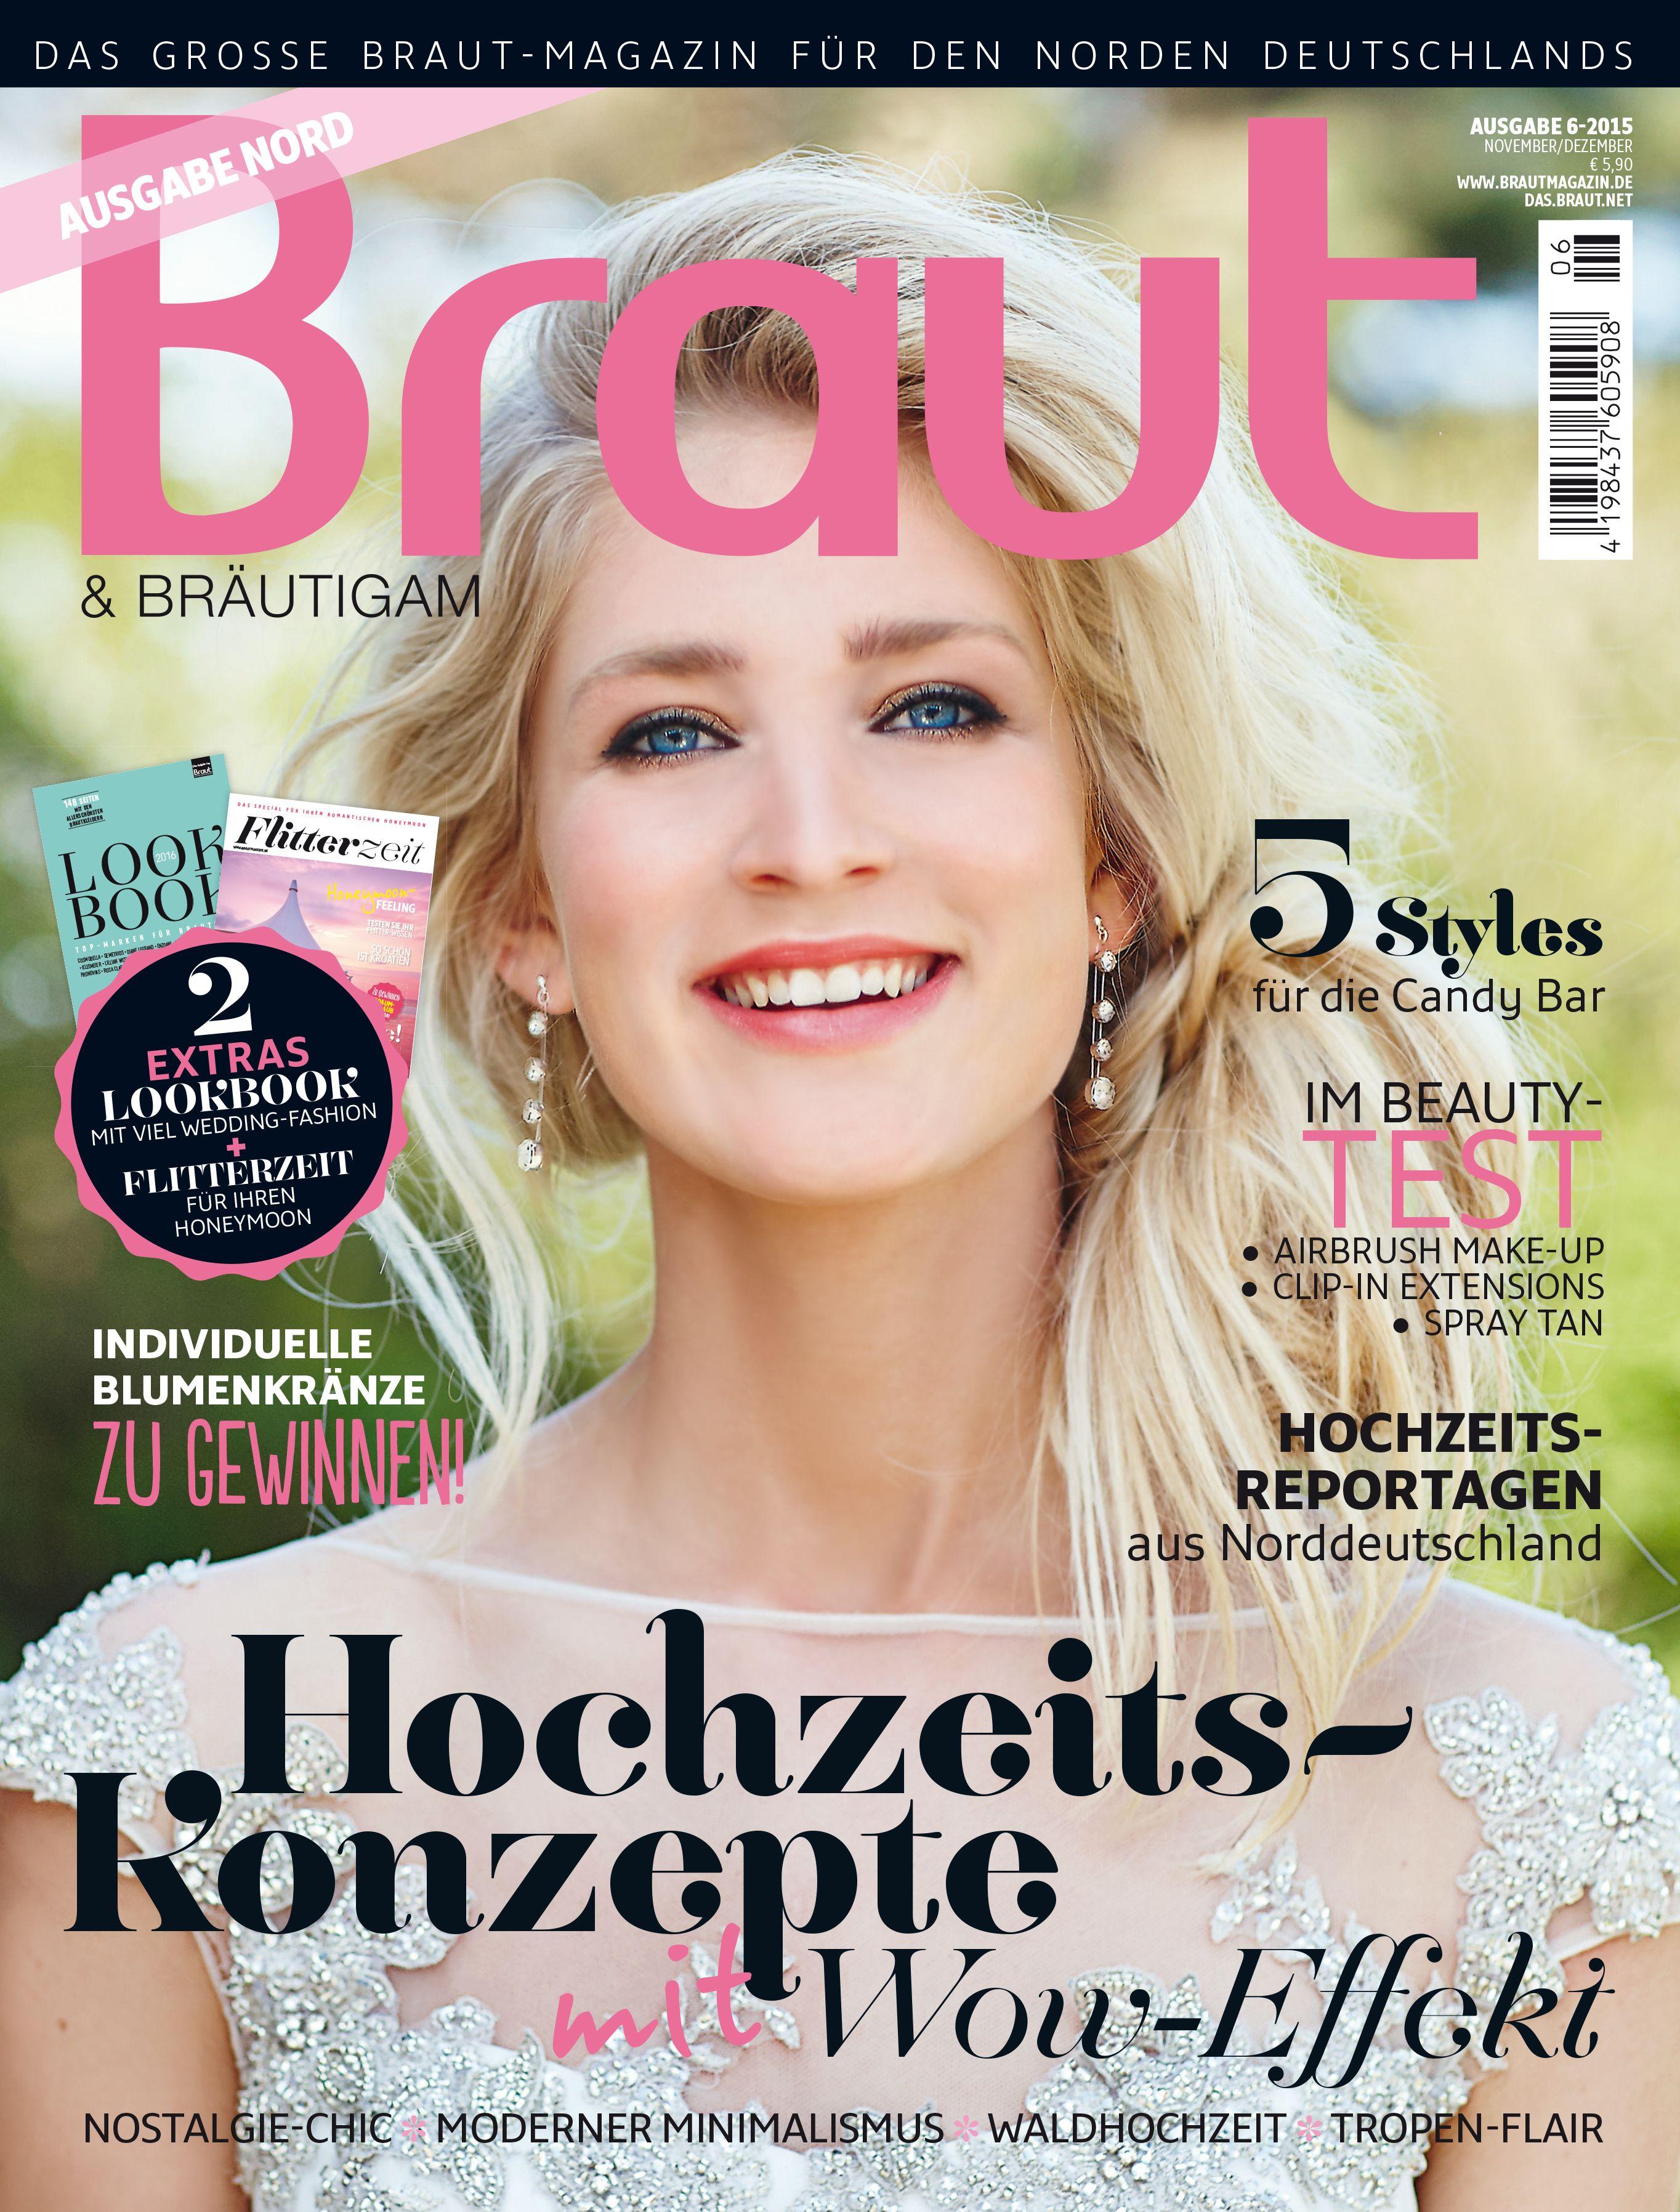 Ausgabe 6-2015 #Brautmagazin #Hochzeitsmagazin #Brautmode #Hochzeitsmode #Hochzeit #Inspiration